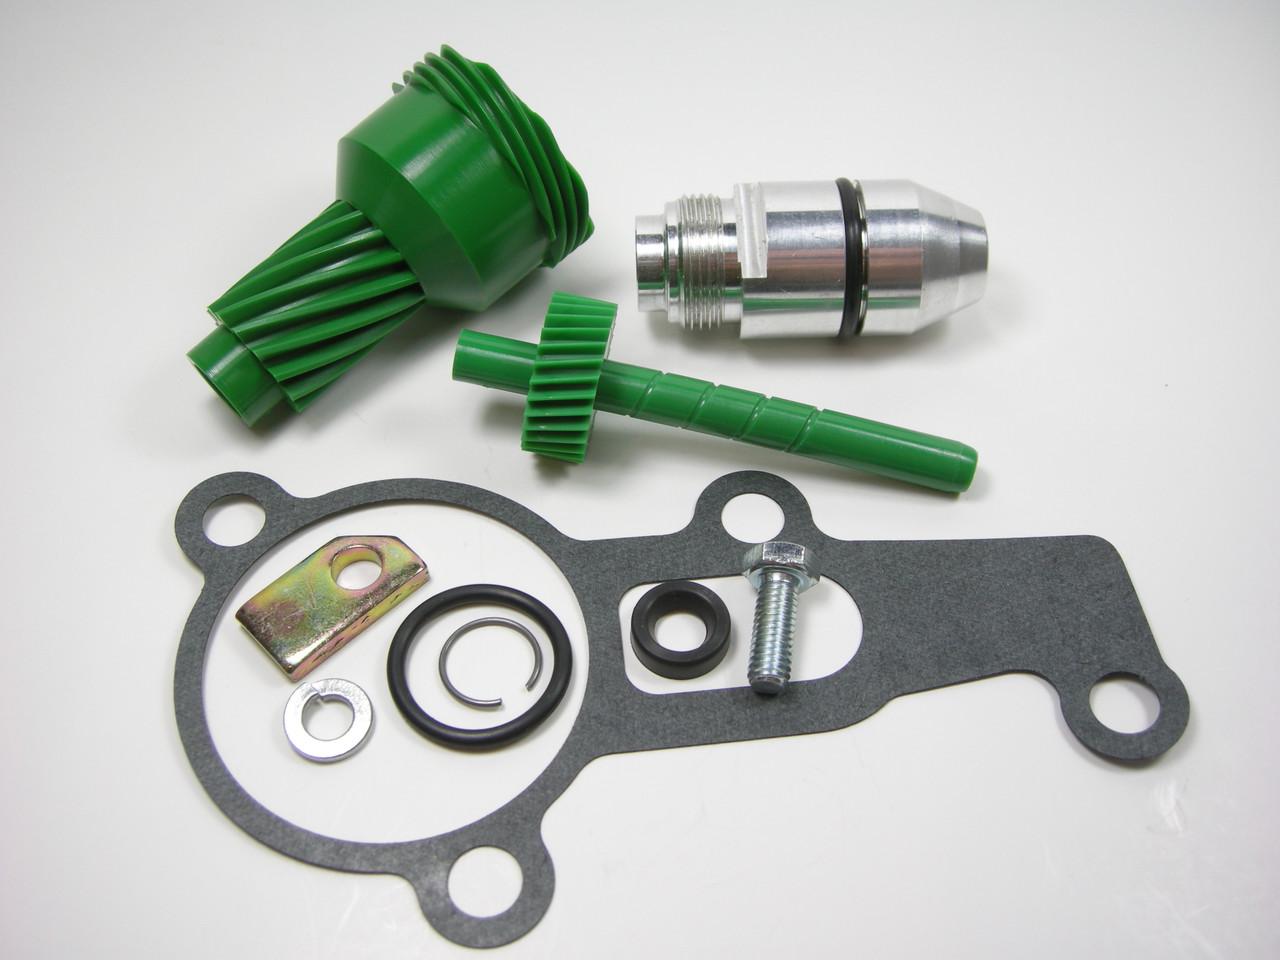 10 & 29 Tooth 2004R Complete Speedometer Kit w/ Gasket Gears Housing 200-4R